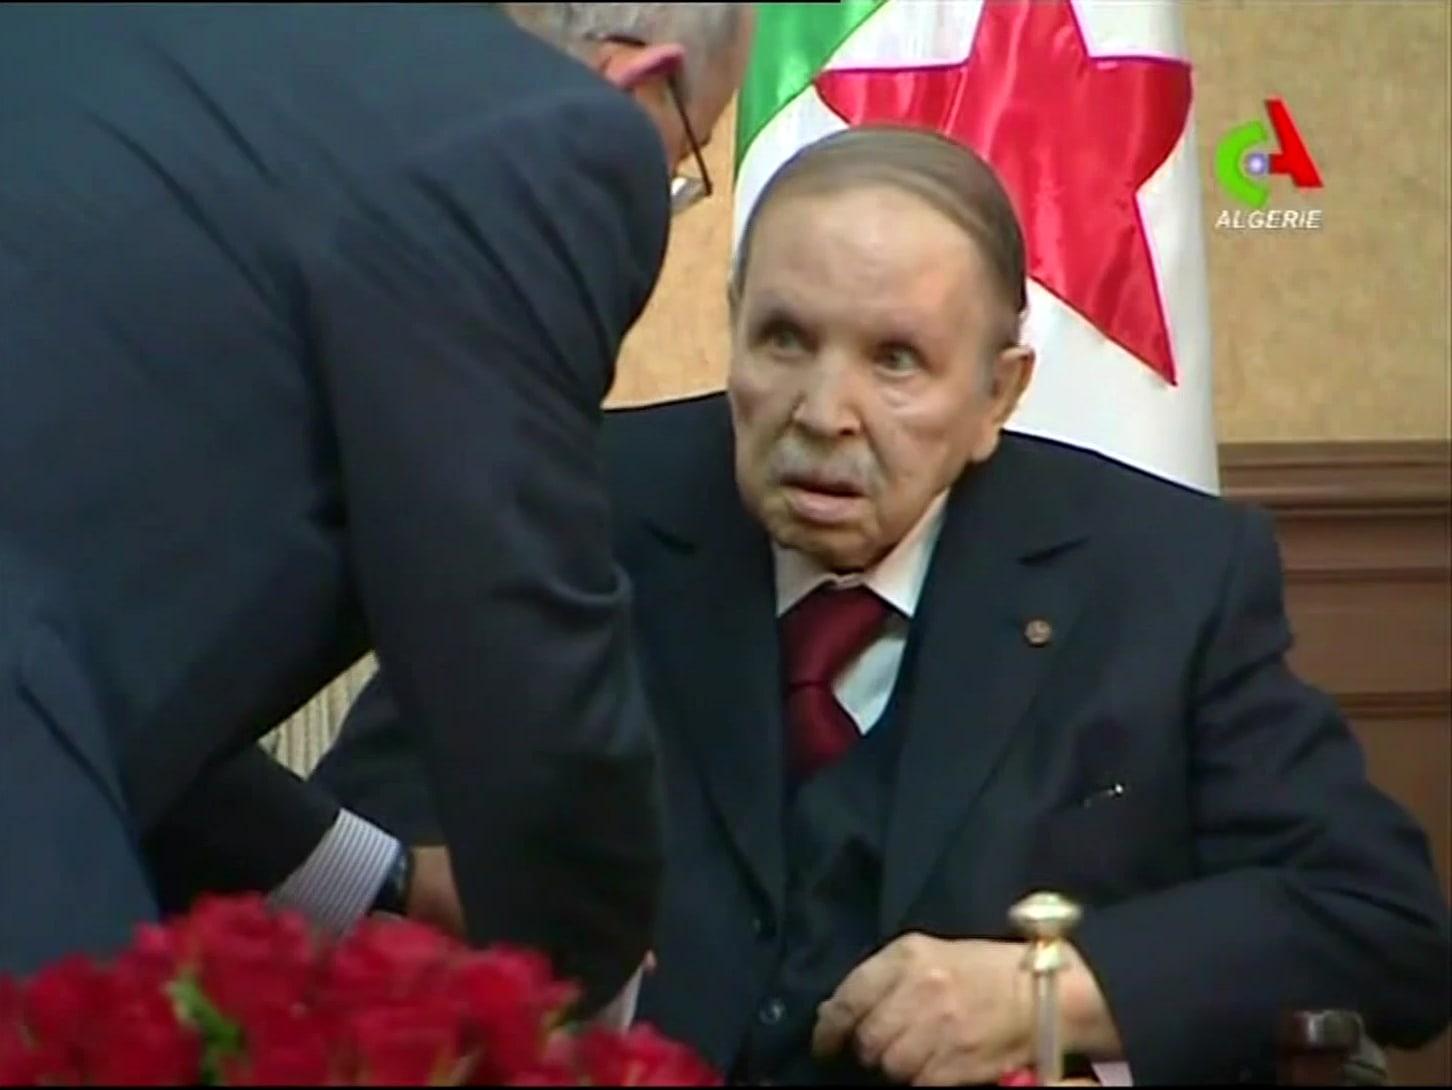 عبد العزيز بوتفليقة يبلغ المجلس الدستوري بإنهاء ولايته الرئاسية